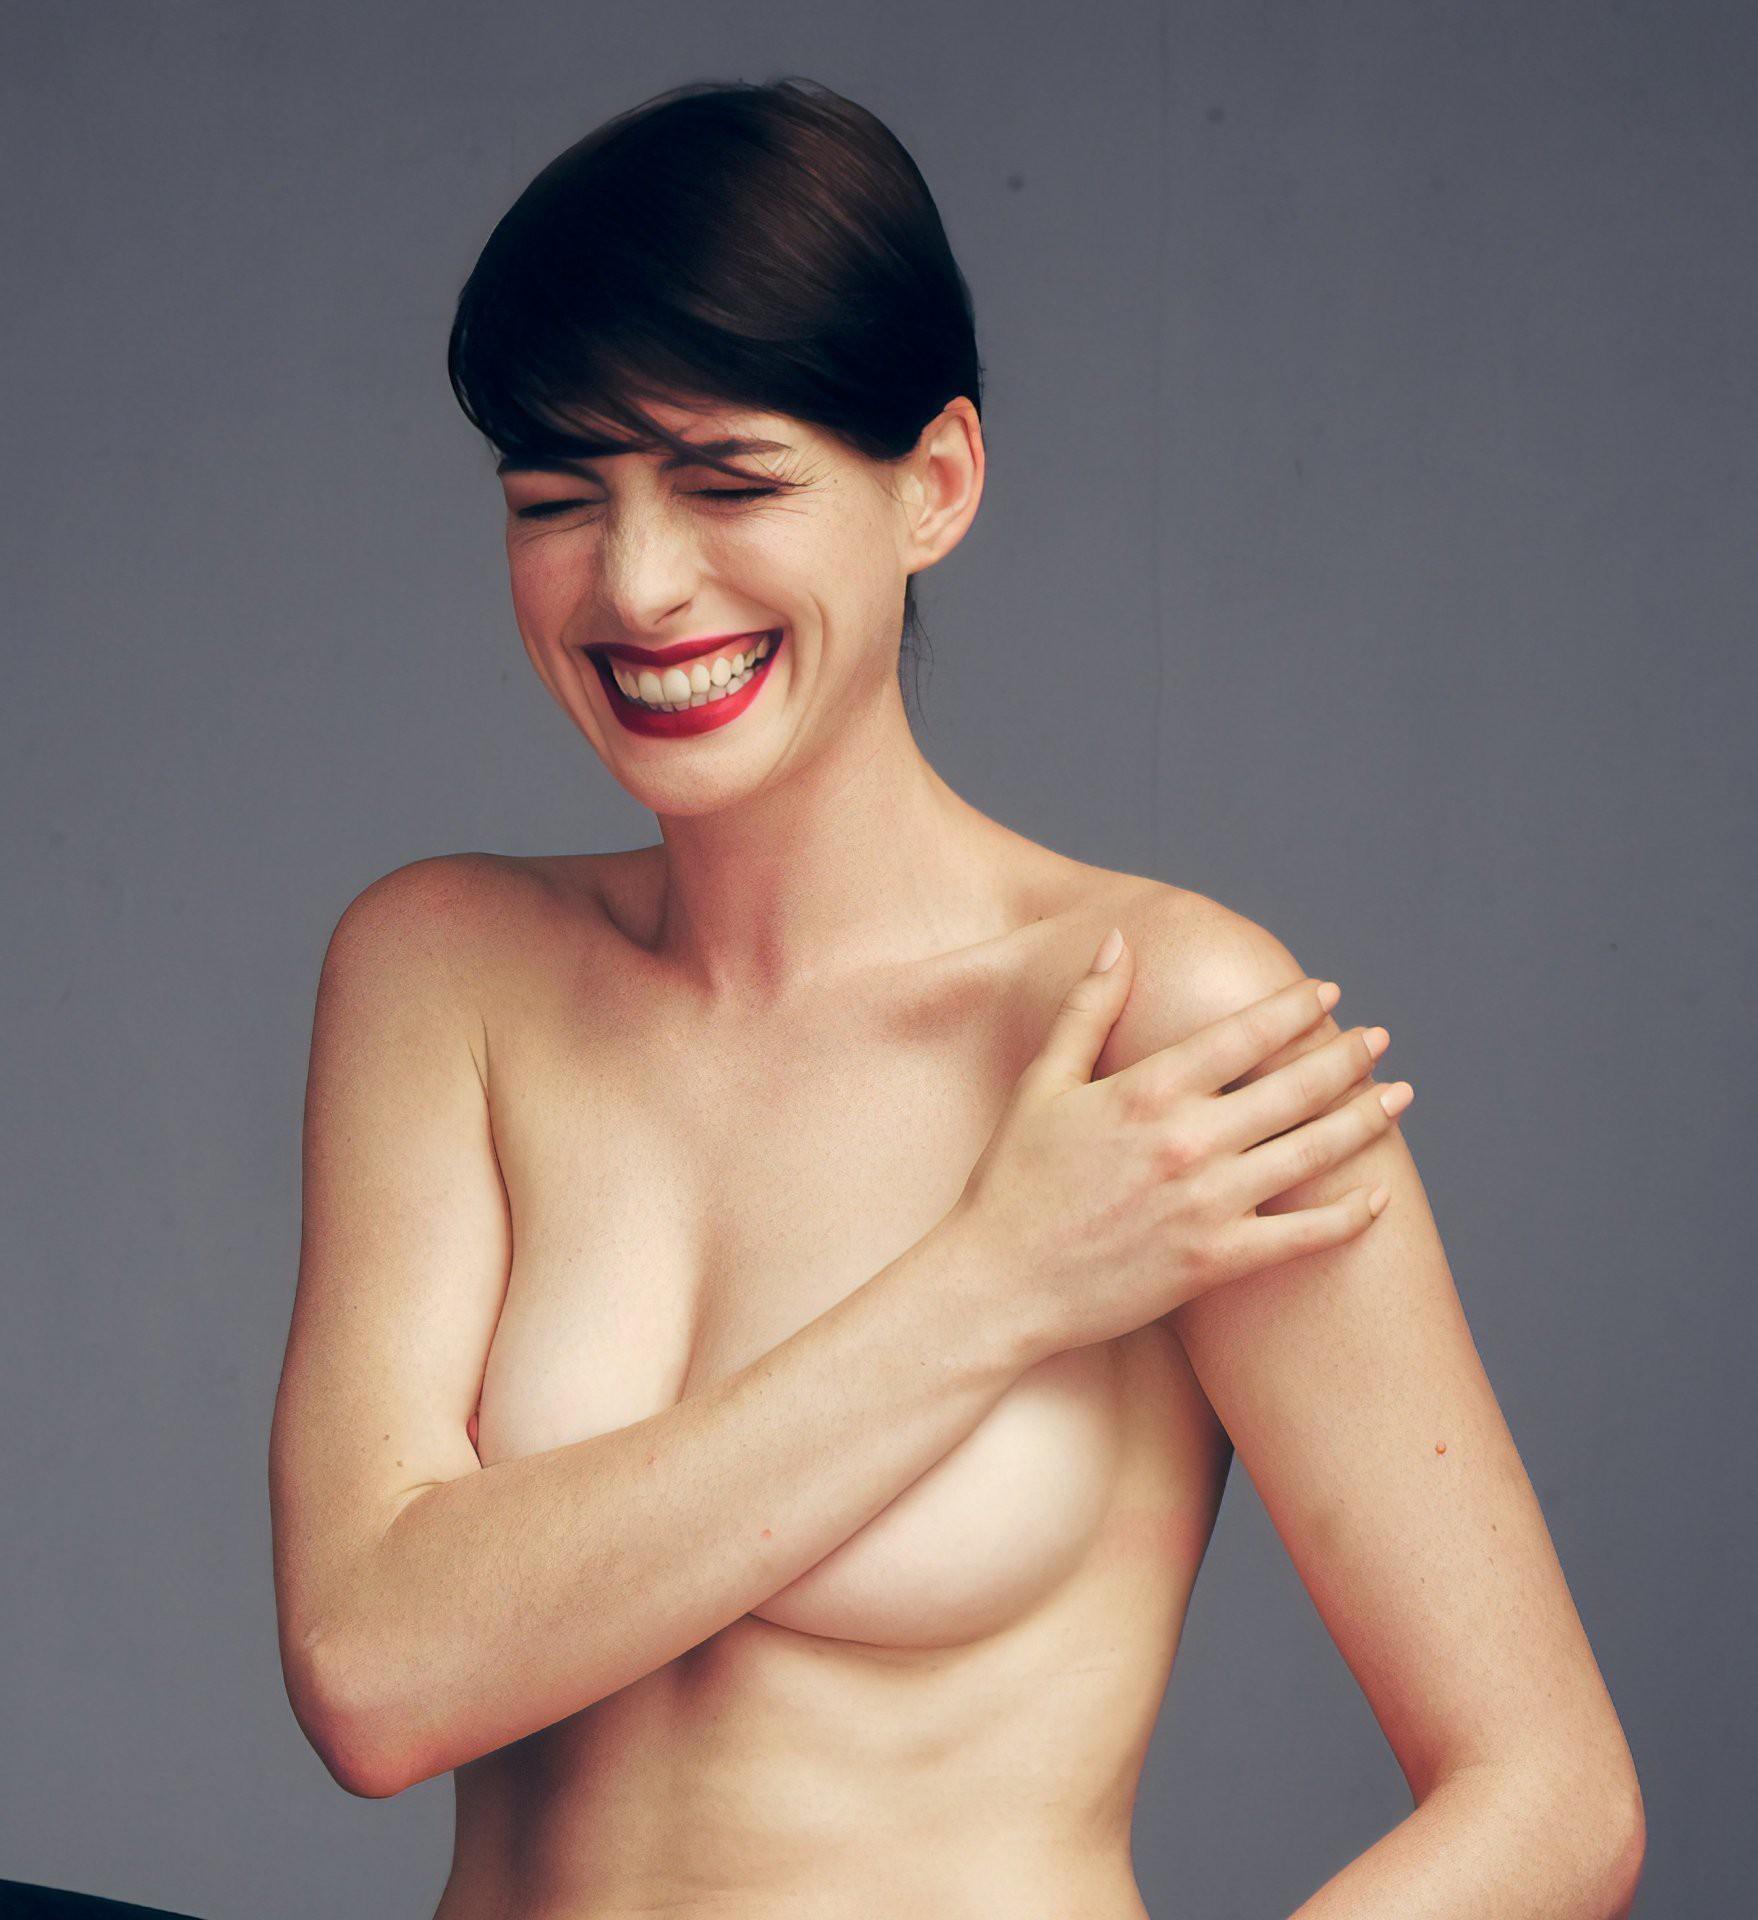 Mê mẩn trước bộ ảnh nóng bỏng mắt, đang gây bão mạng vì gần như khoả thân hoàn toàn của Anne Hathaway - Ảnh 1.